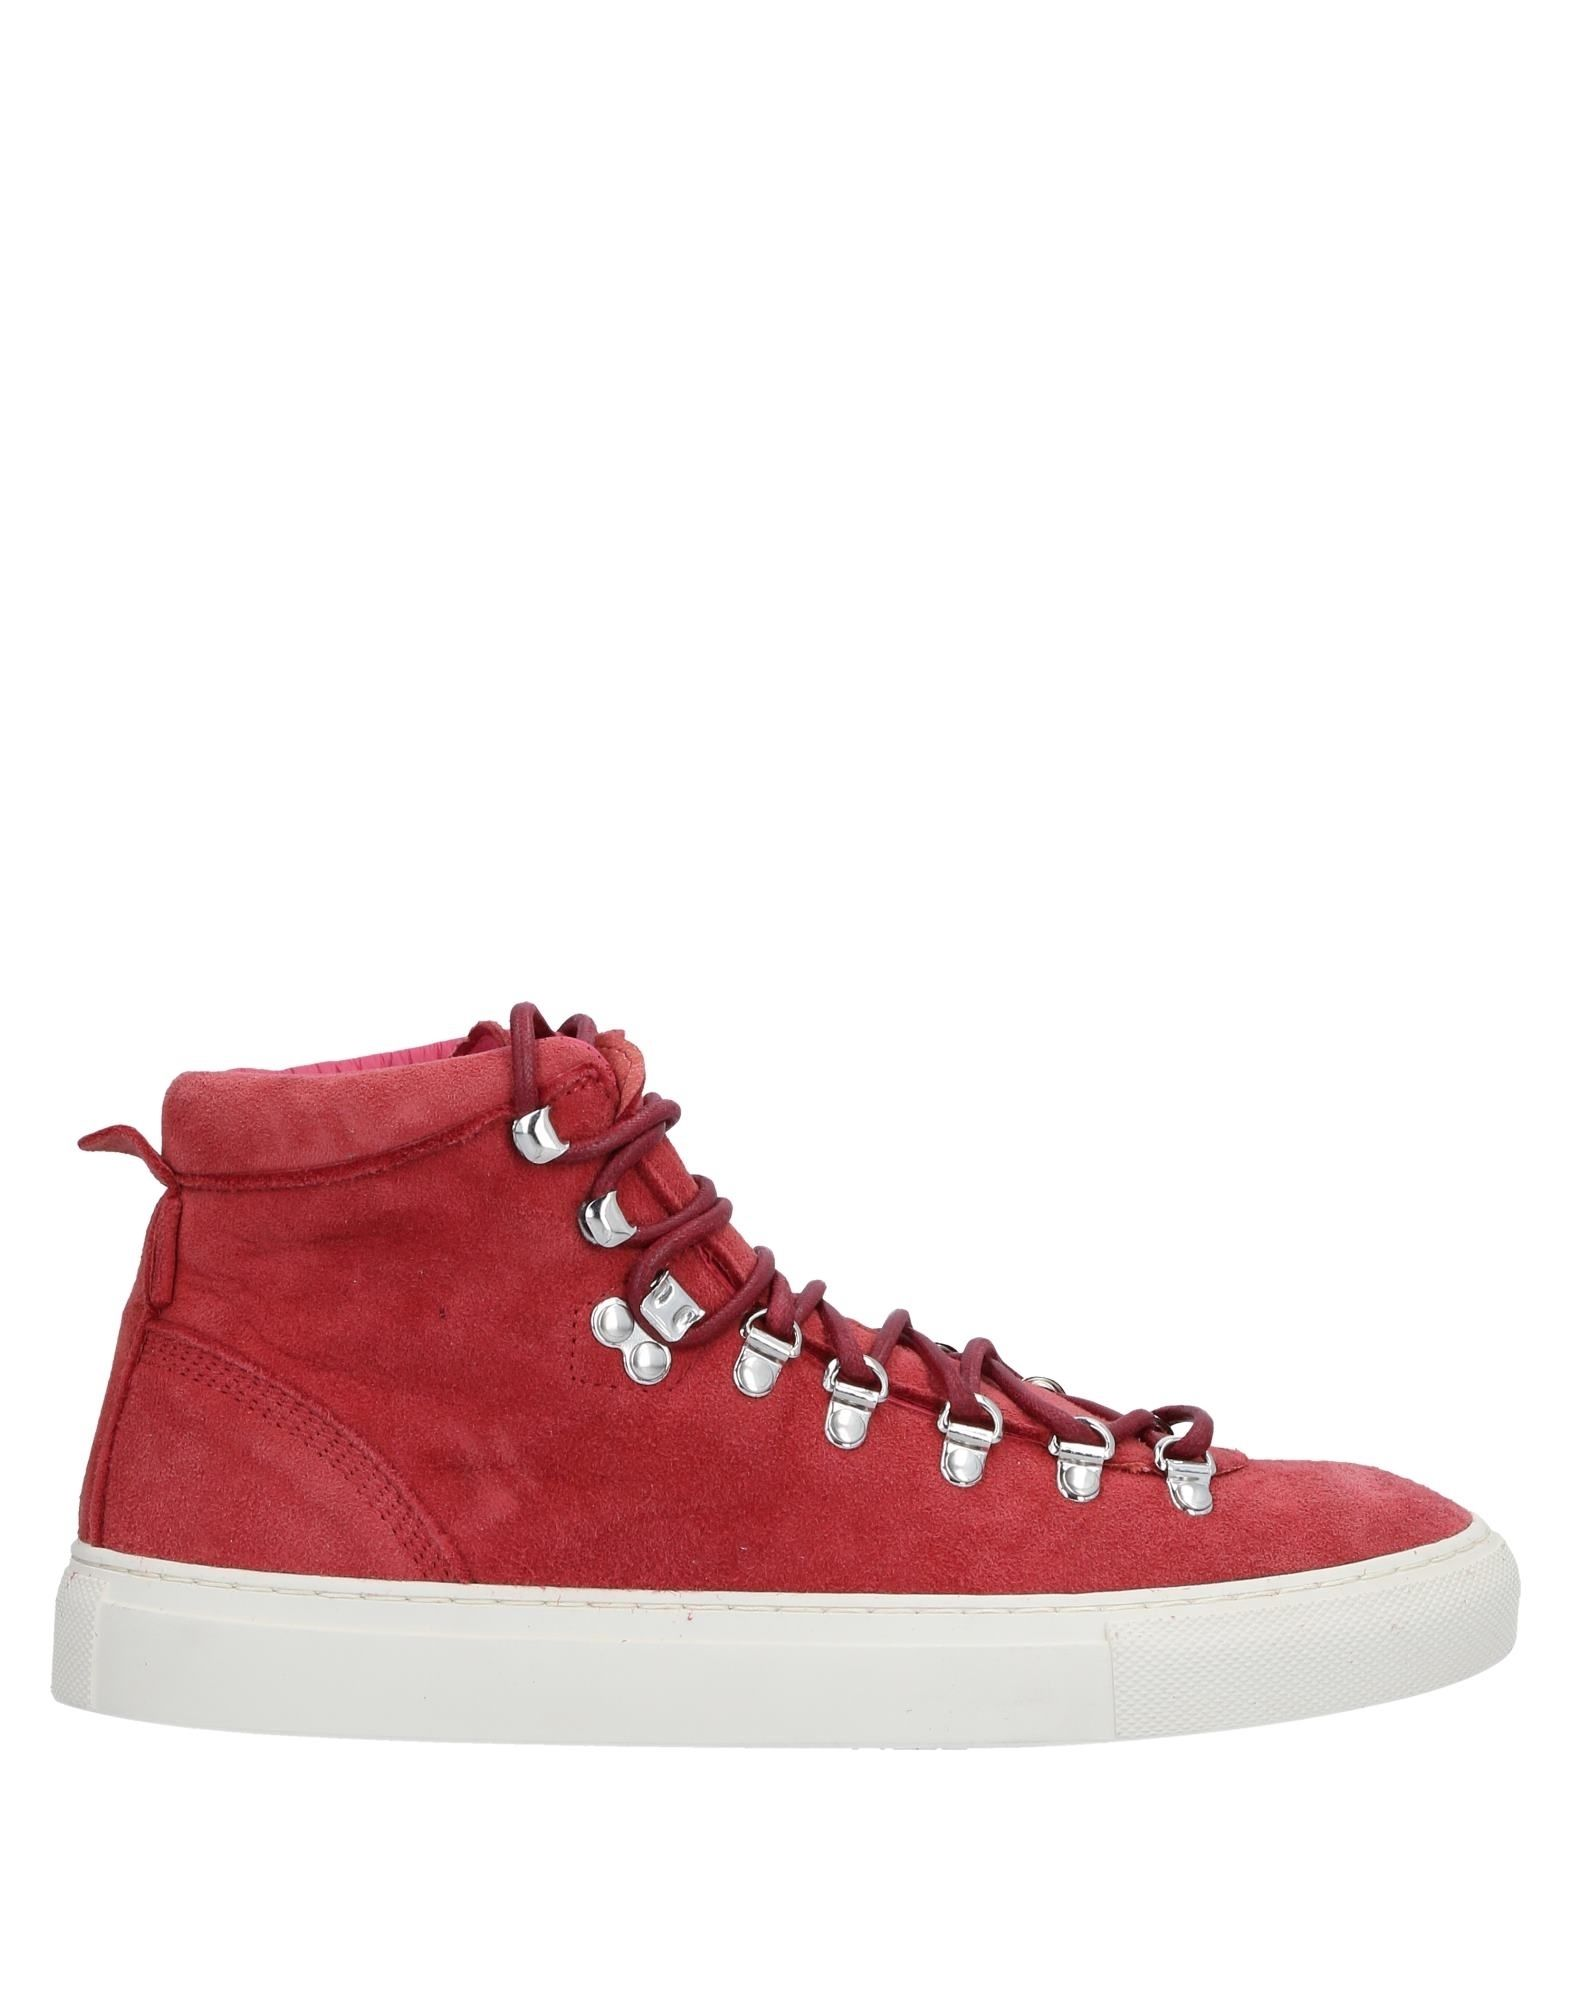 Moda Sneakers Diemme Diemme Sneakers Donna - 11500854KD c5a198